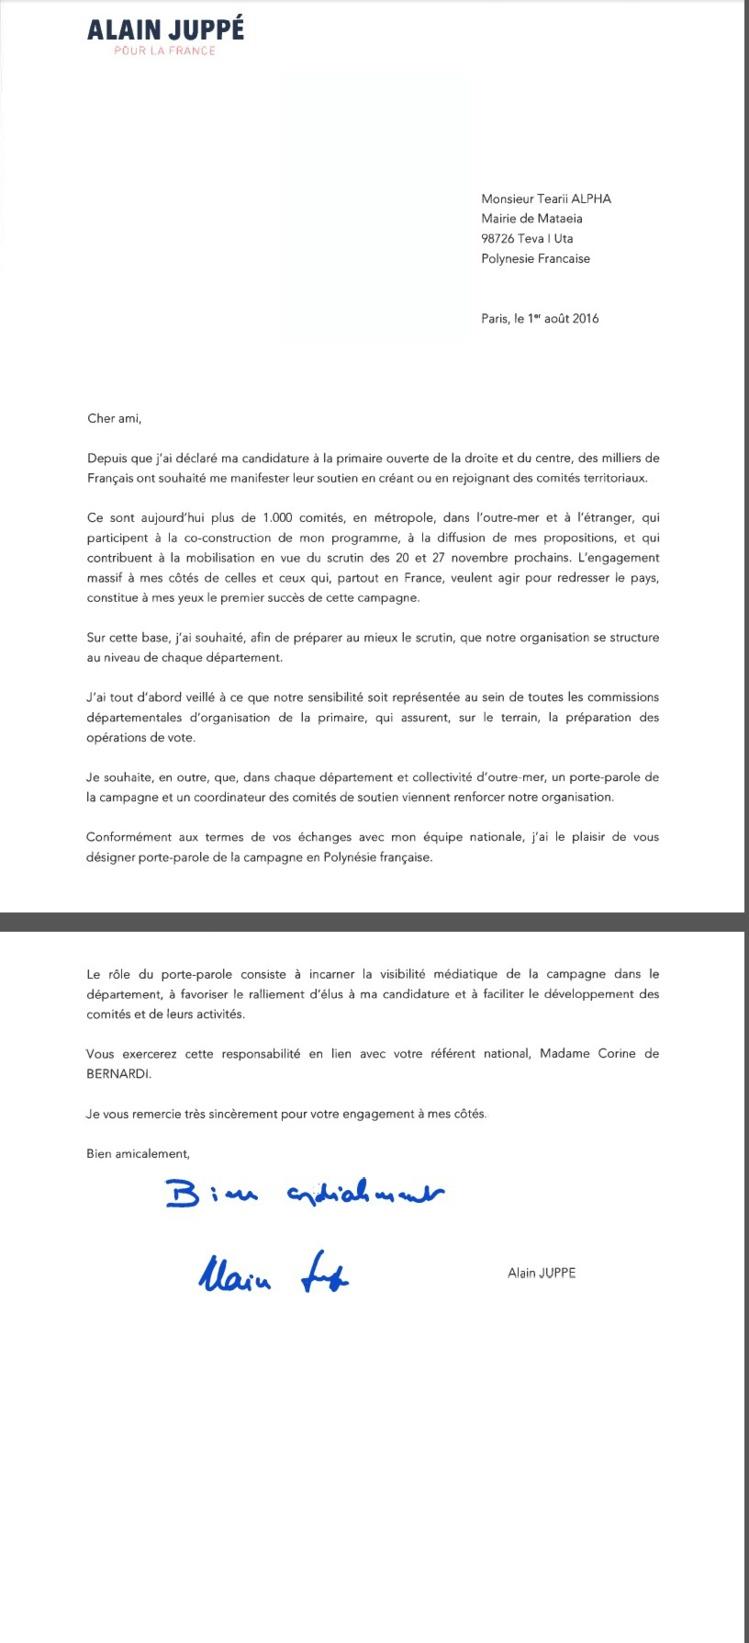 Alain Juppé désigne Tearii Alpha comme l'unique porte-parole de sa campagne